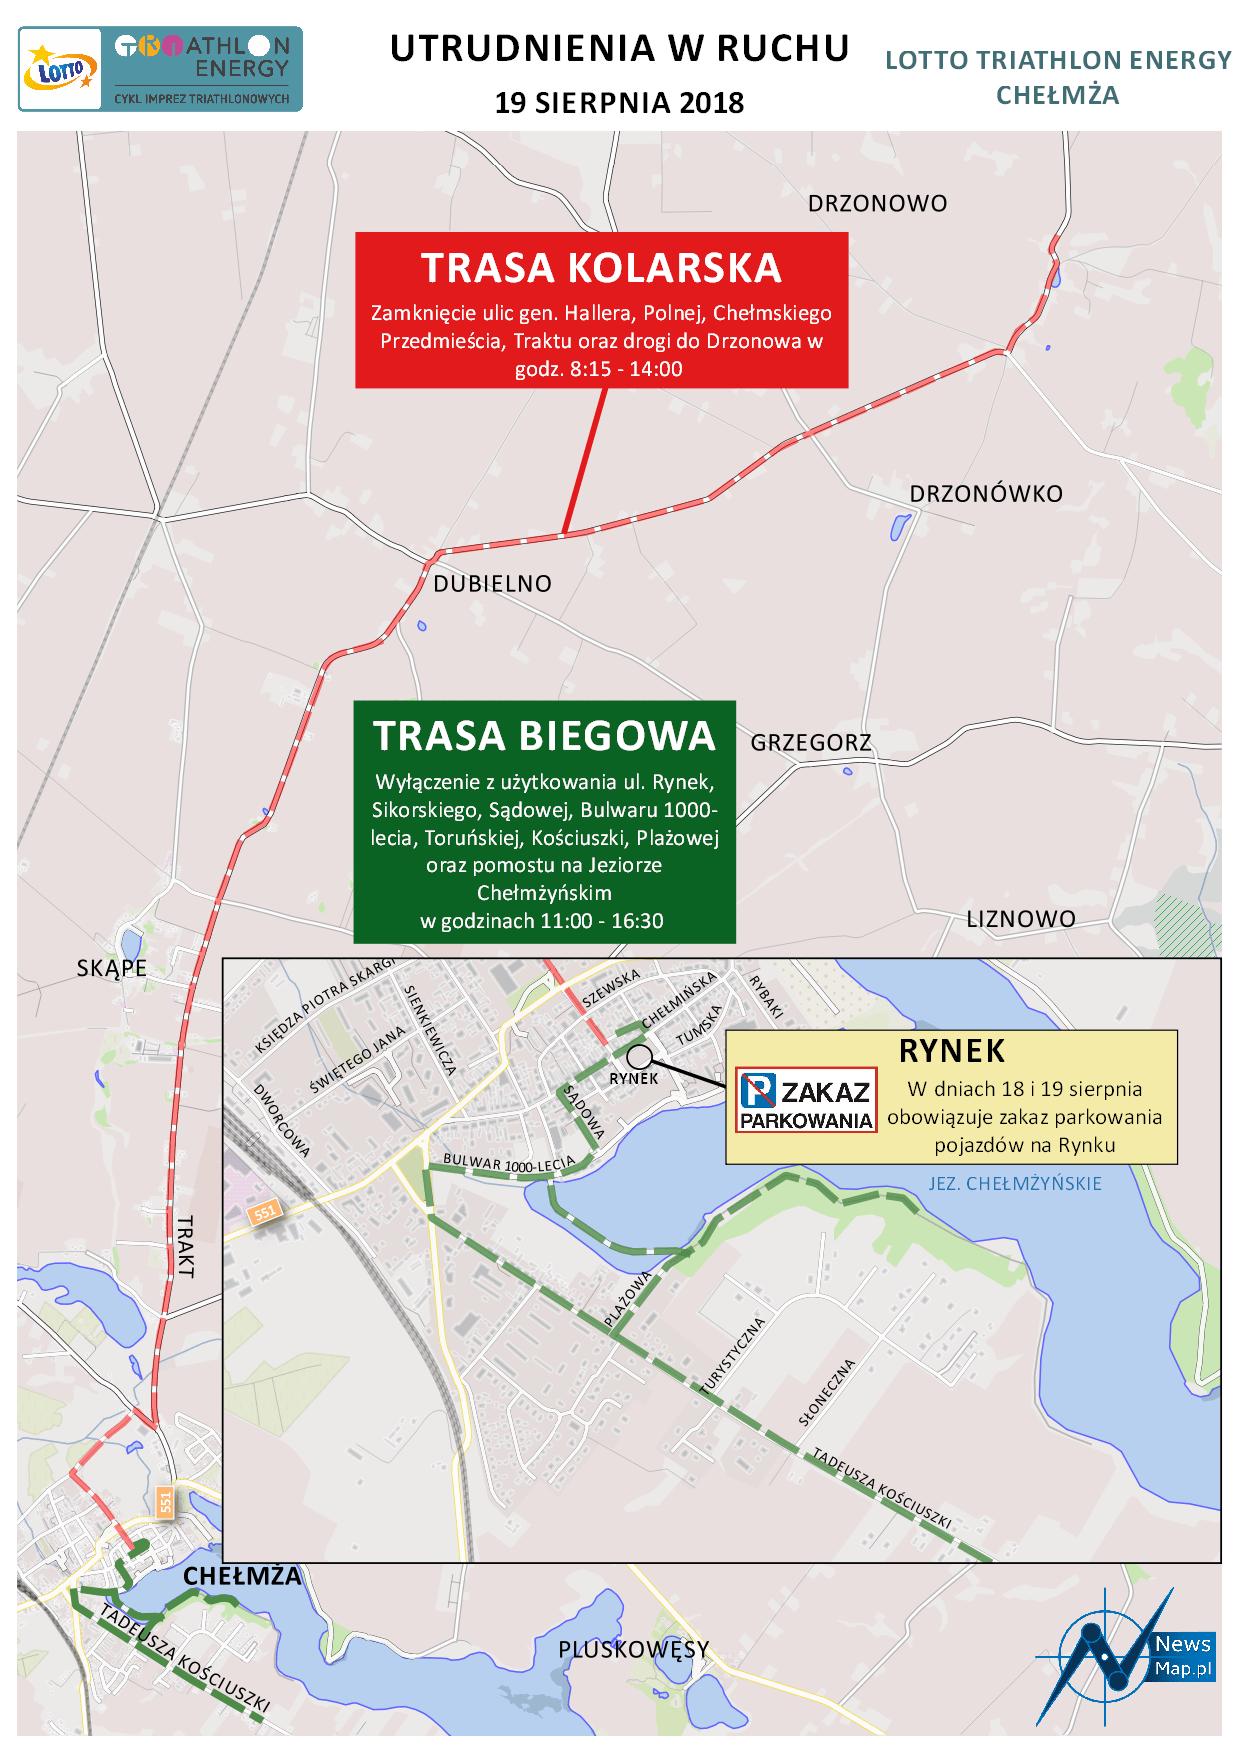 Mapa statyczna Chełmża Energy Triathlon 2018 - utrudnienia